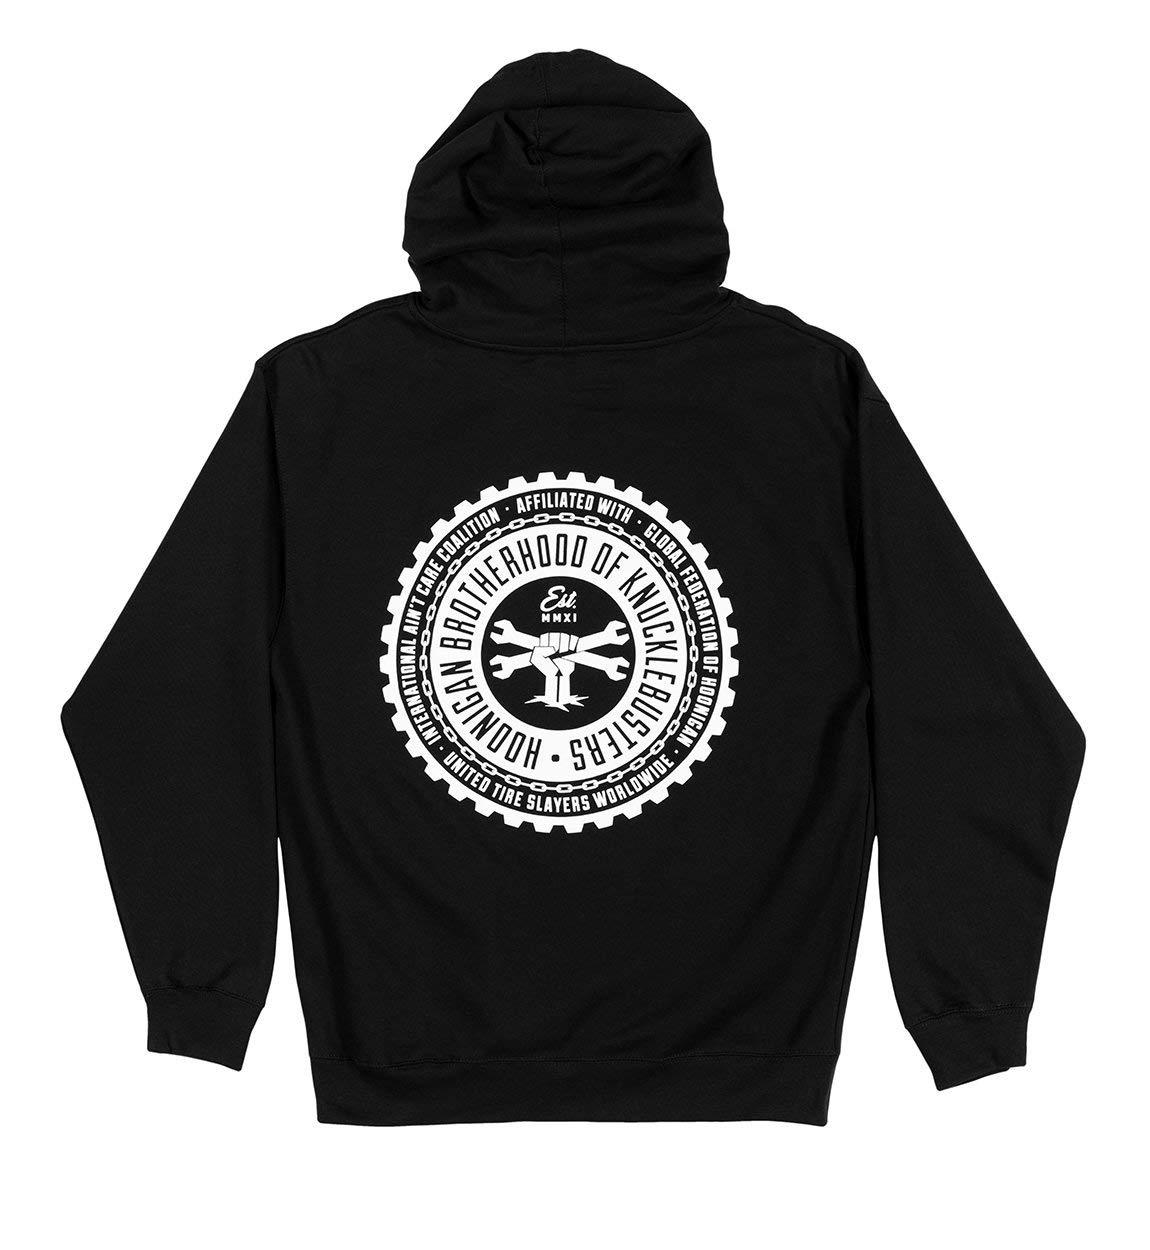 Hoonigan Brotherhood V2 Pullover